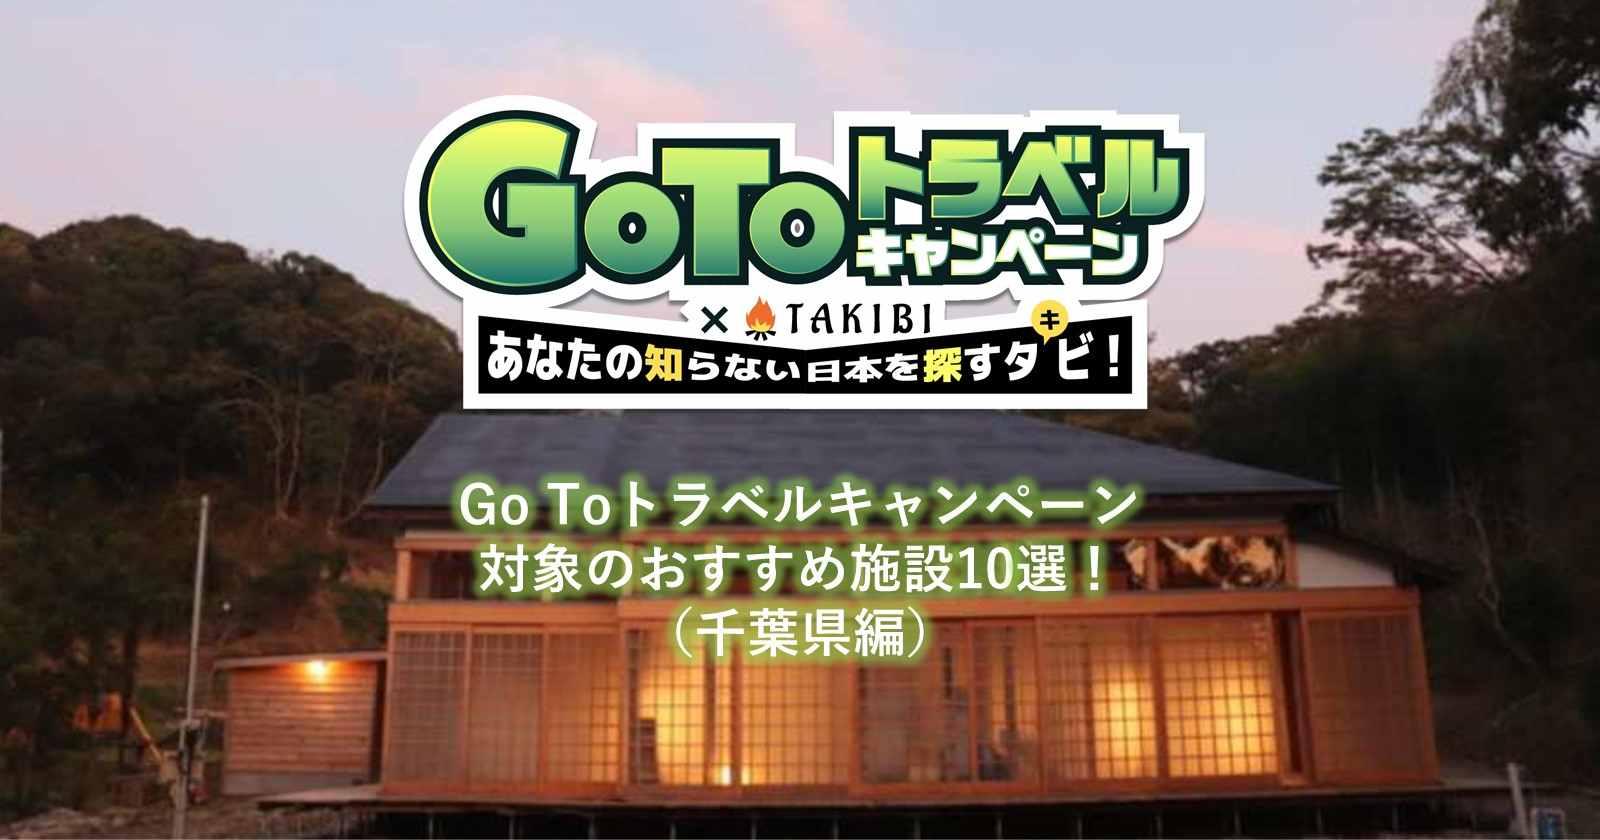 TAKIBIキャンプ場予約で利用できるGo Toトラベルキャンペーン対象のおすすめ施設10選!(千葉県編)